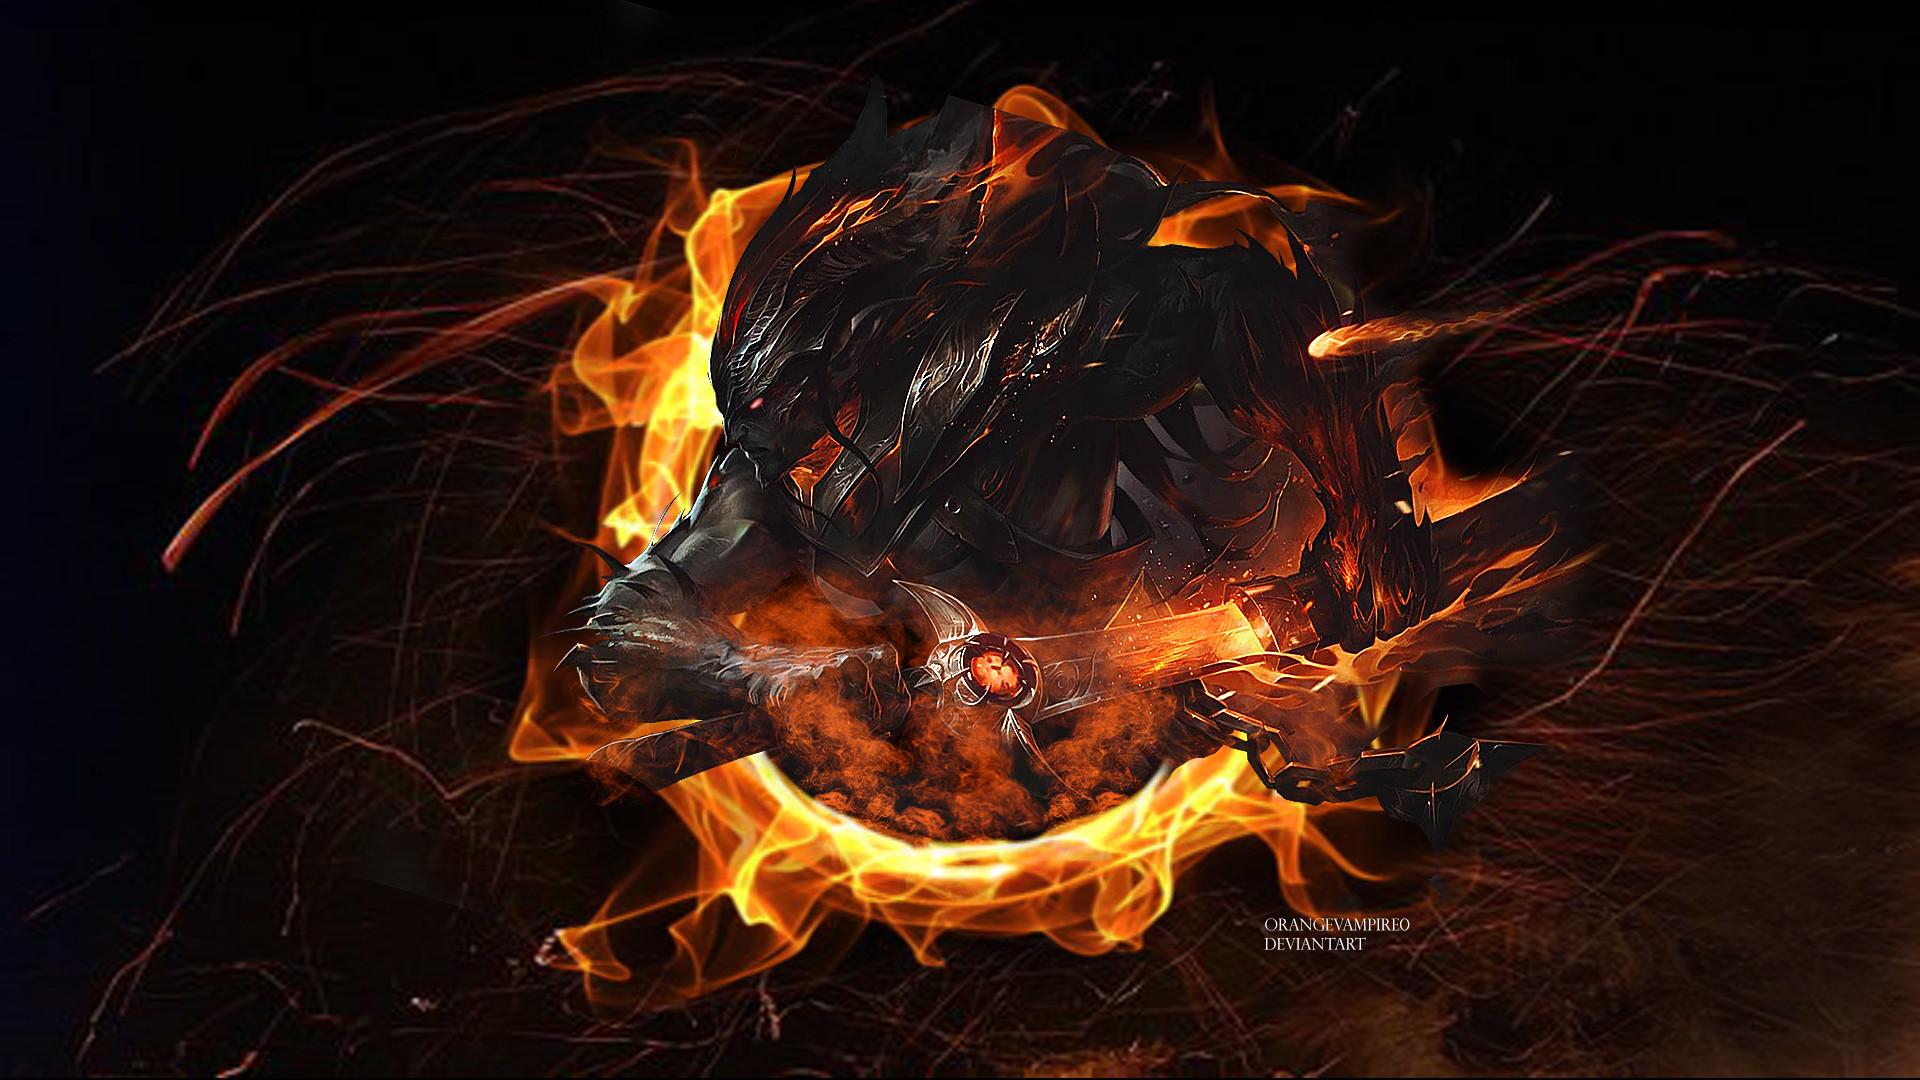 Nightbringer Yasuo by orangevampire0 HD Wallpaper Background Fan Art  Artwork League of Legends lol